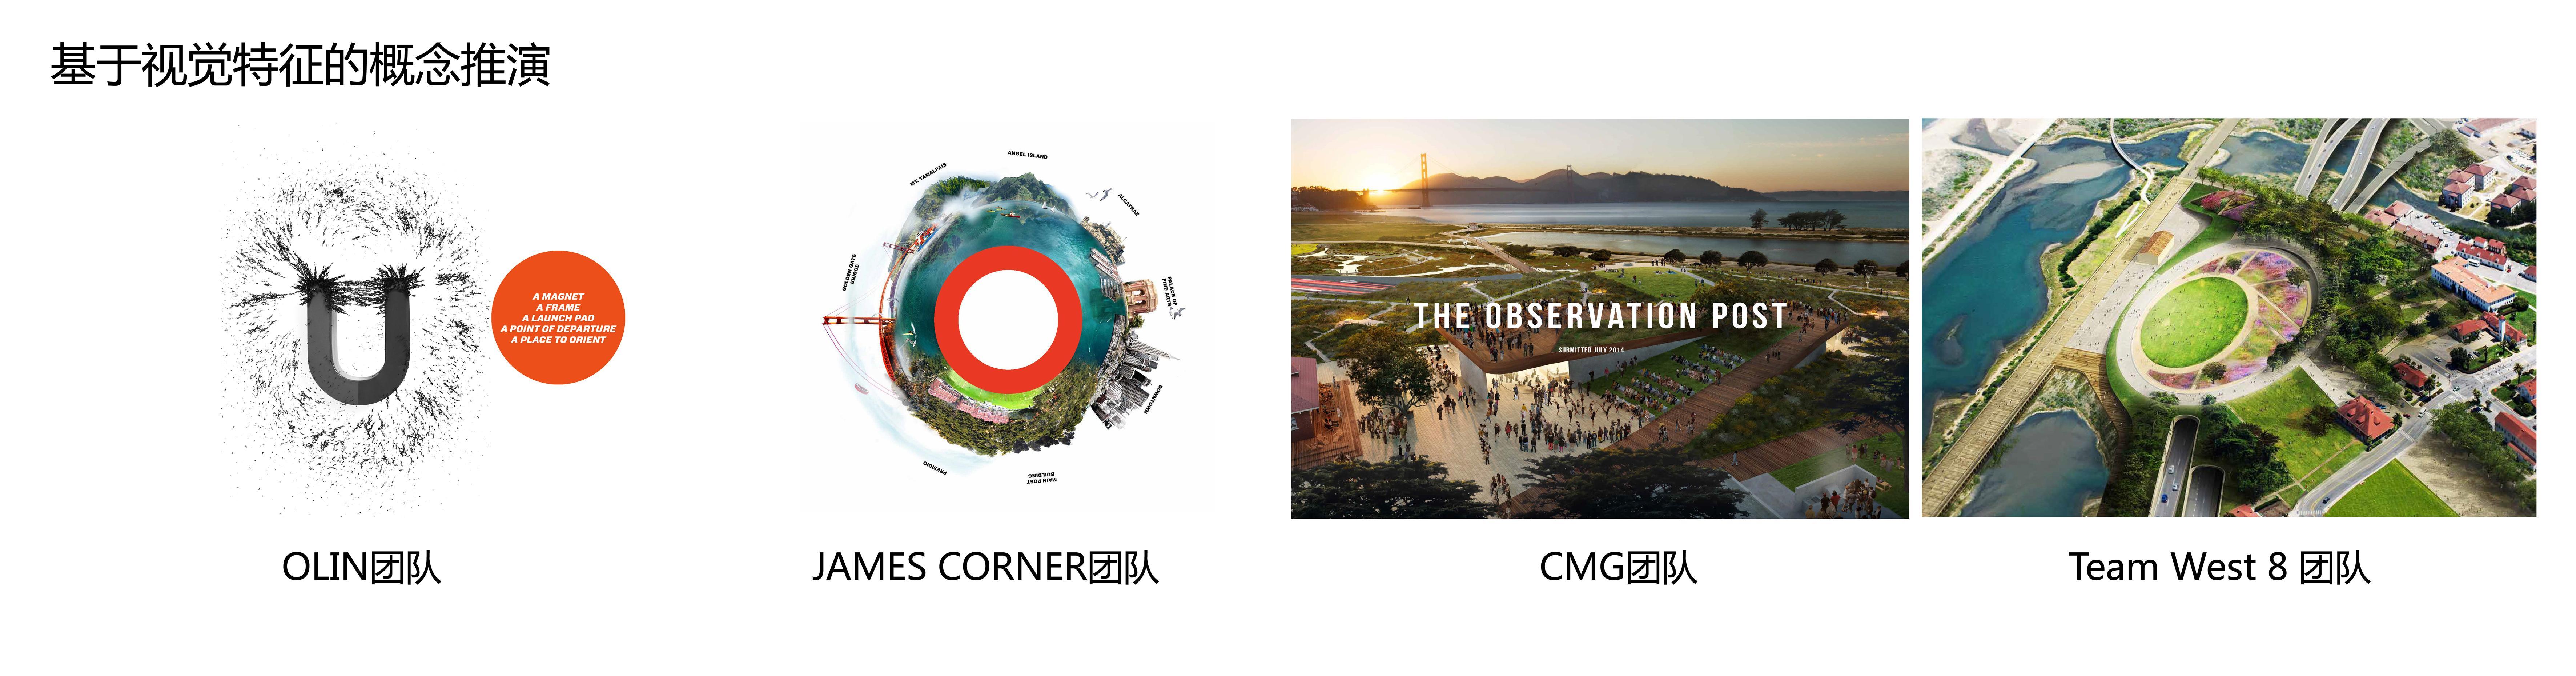 从范式化到精准化的公园设计趋势